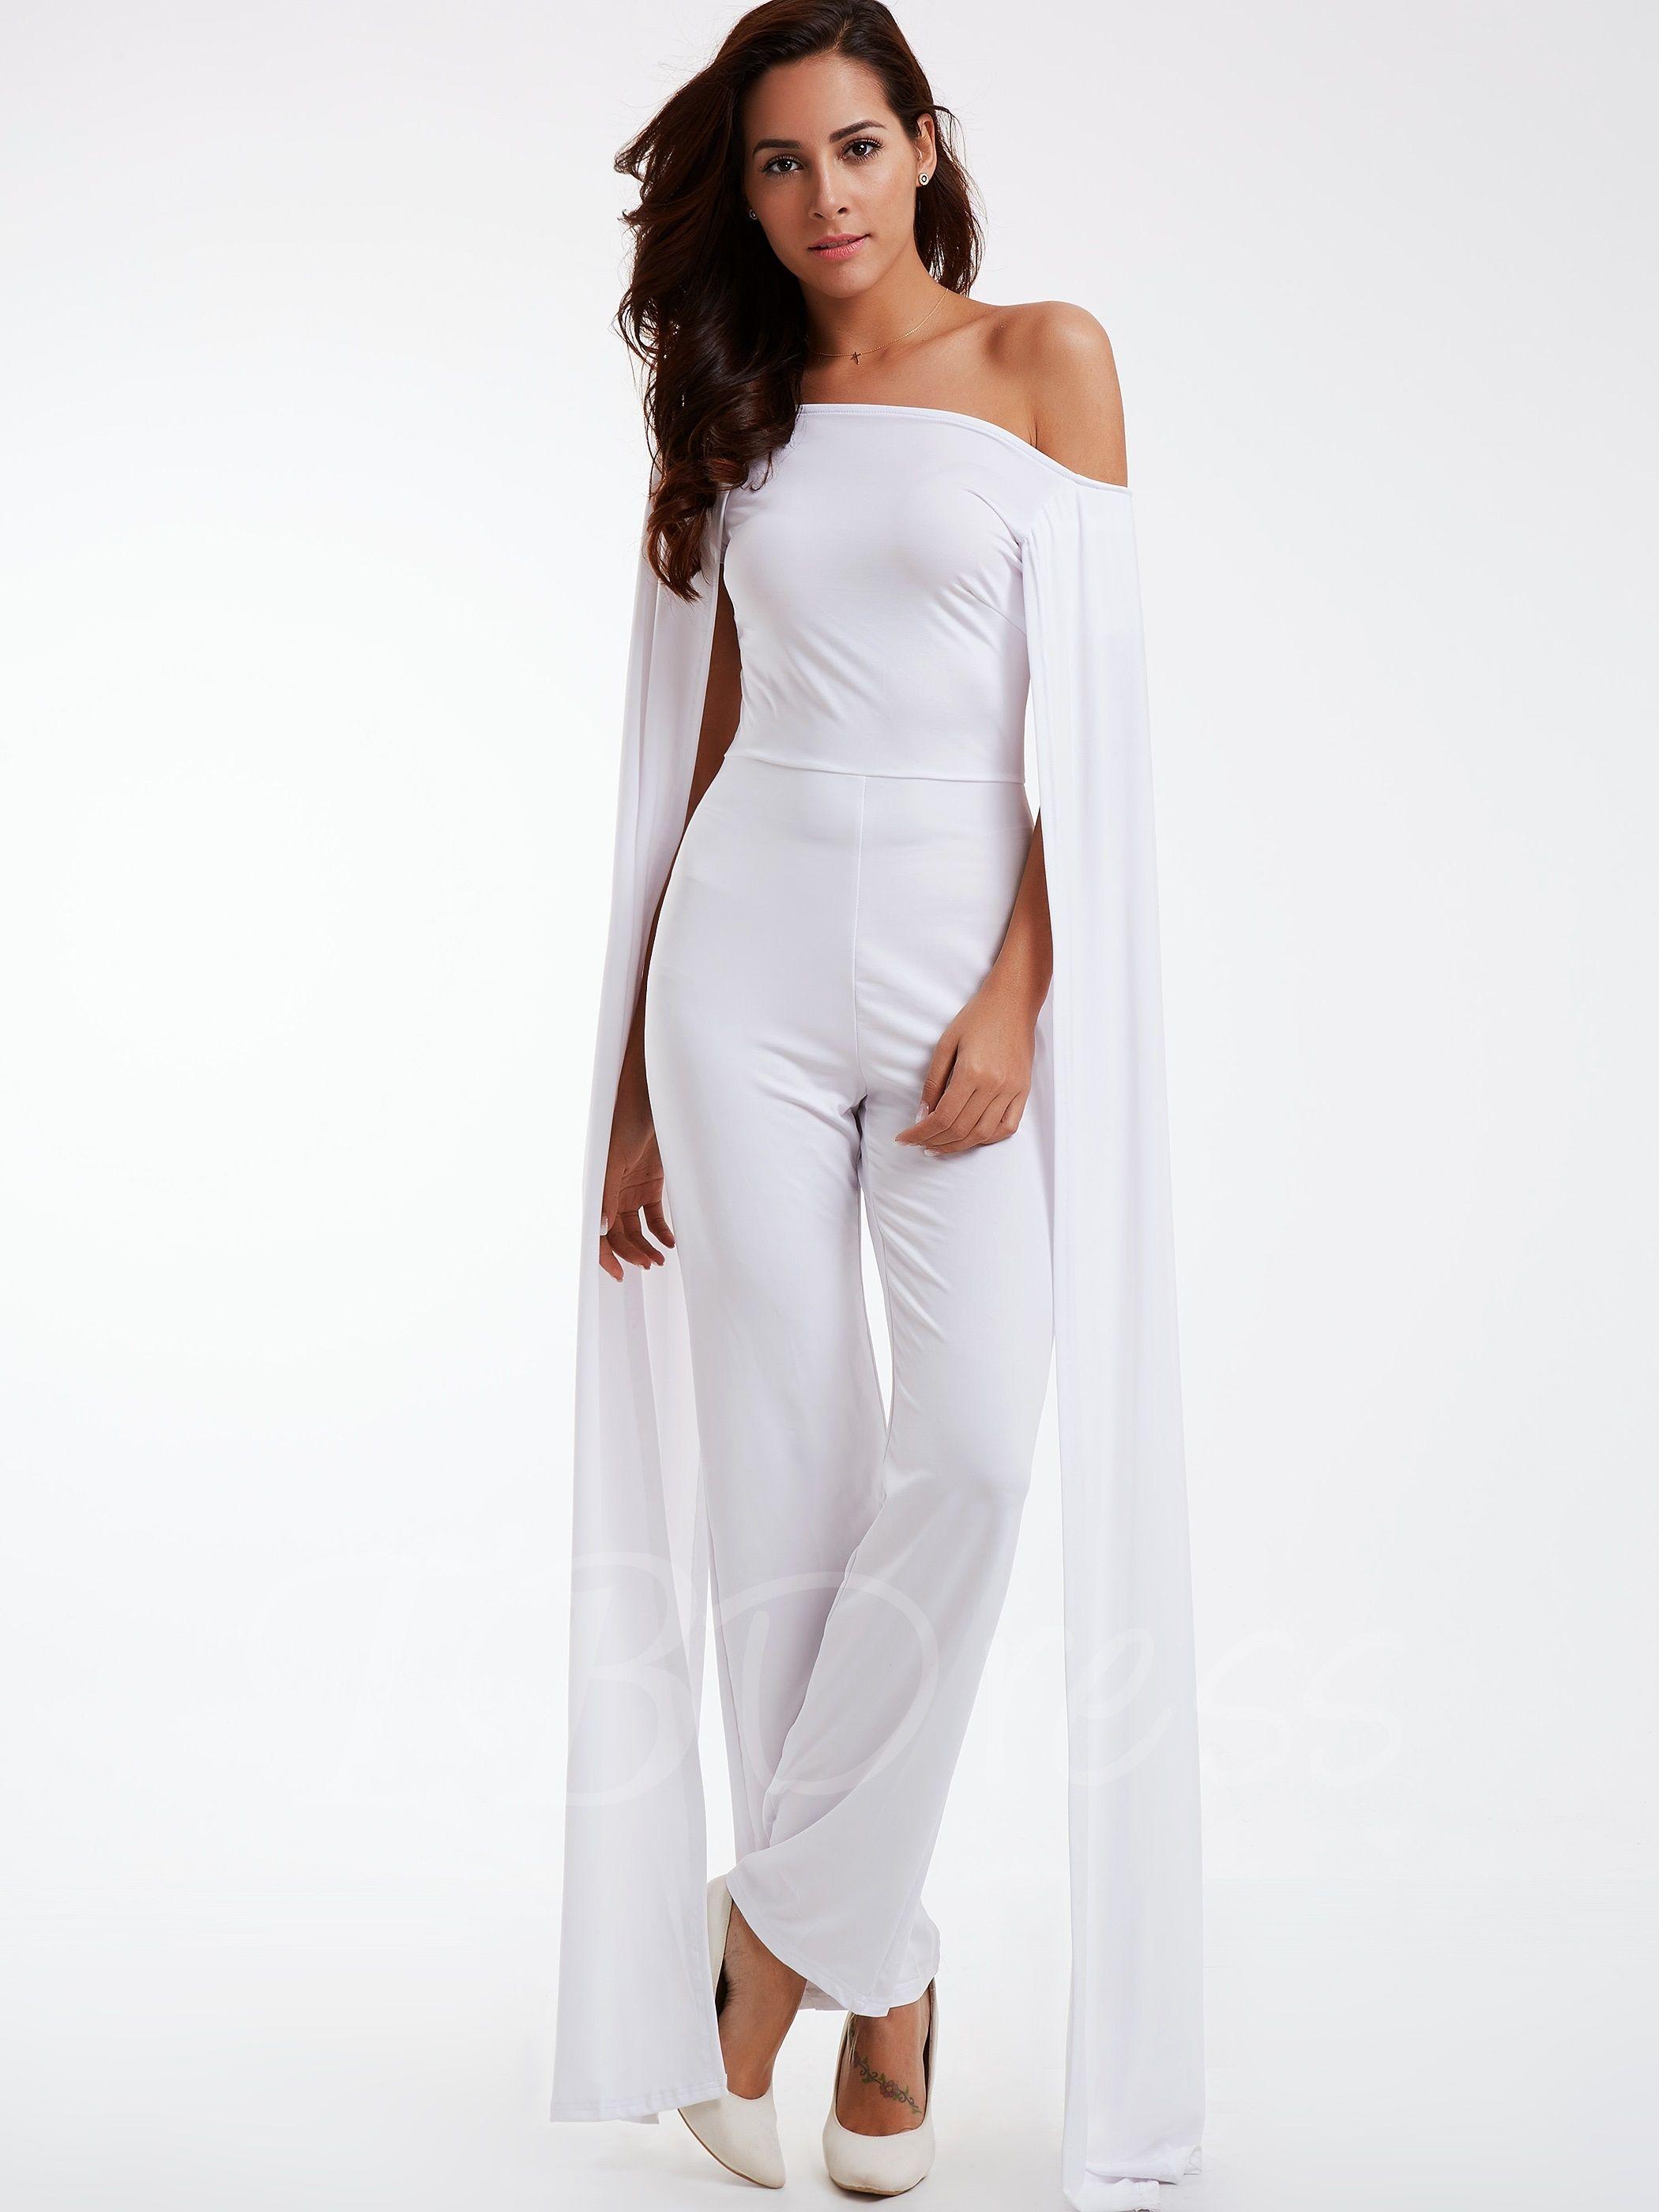 White boat neck wide leg women 39 s pants suit boat neck for Women s dress pant suits for weddings